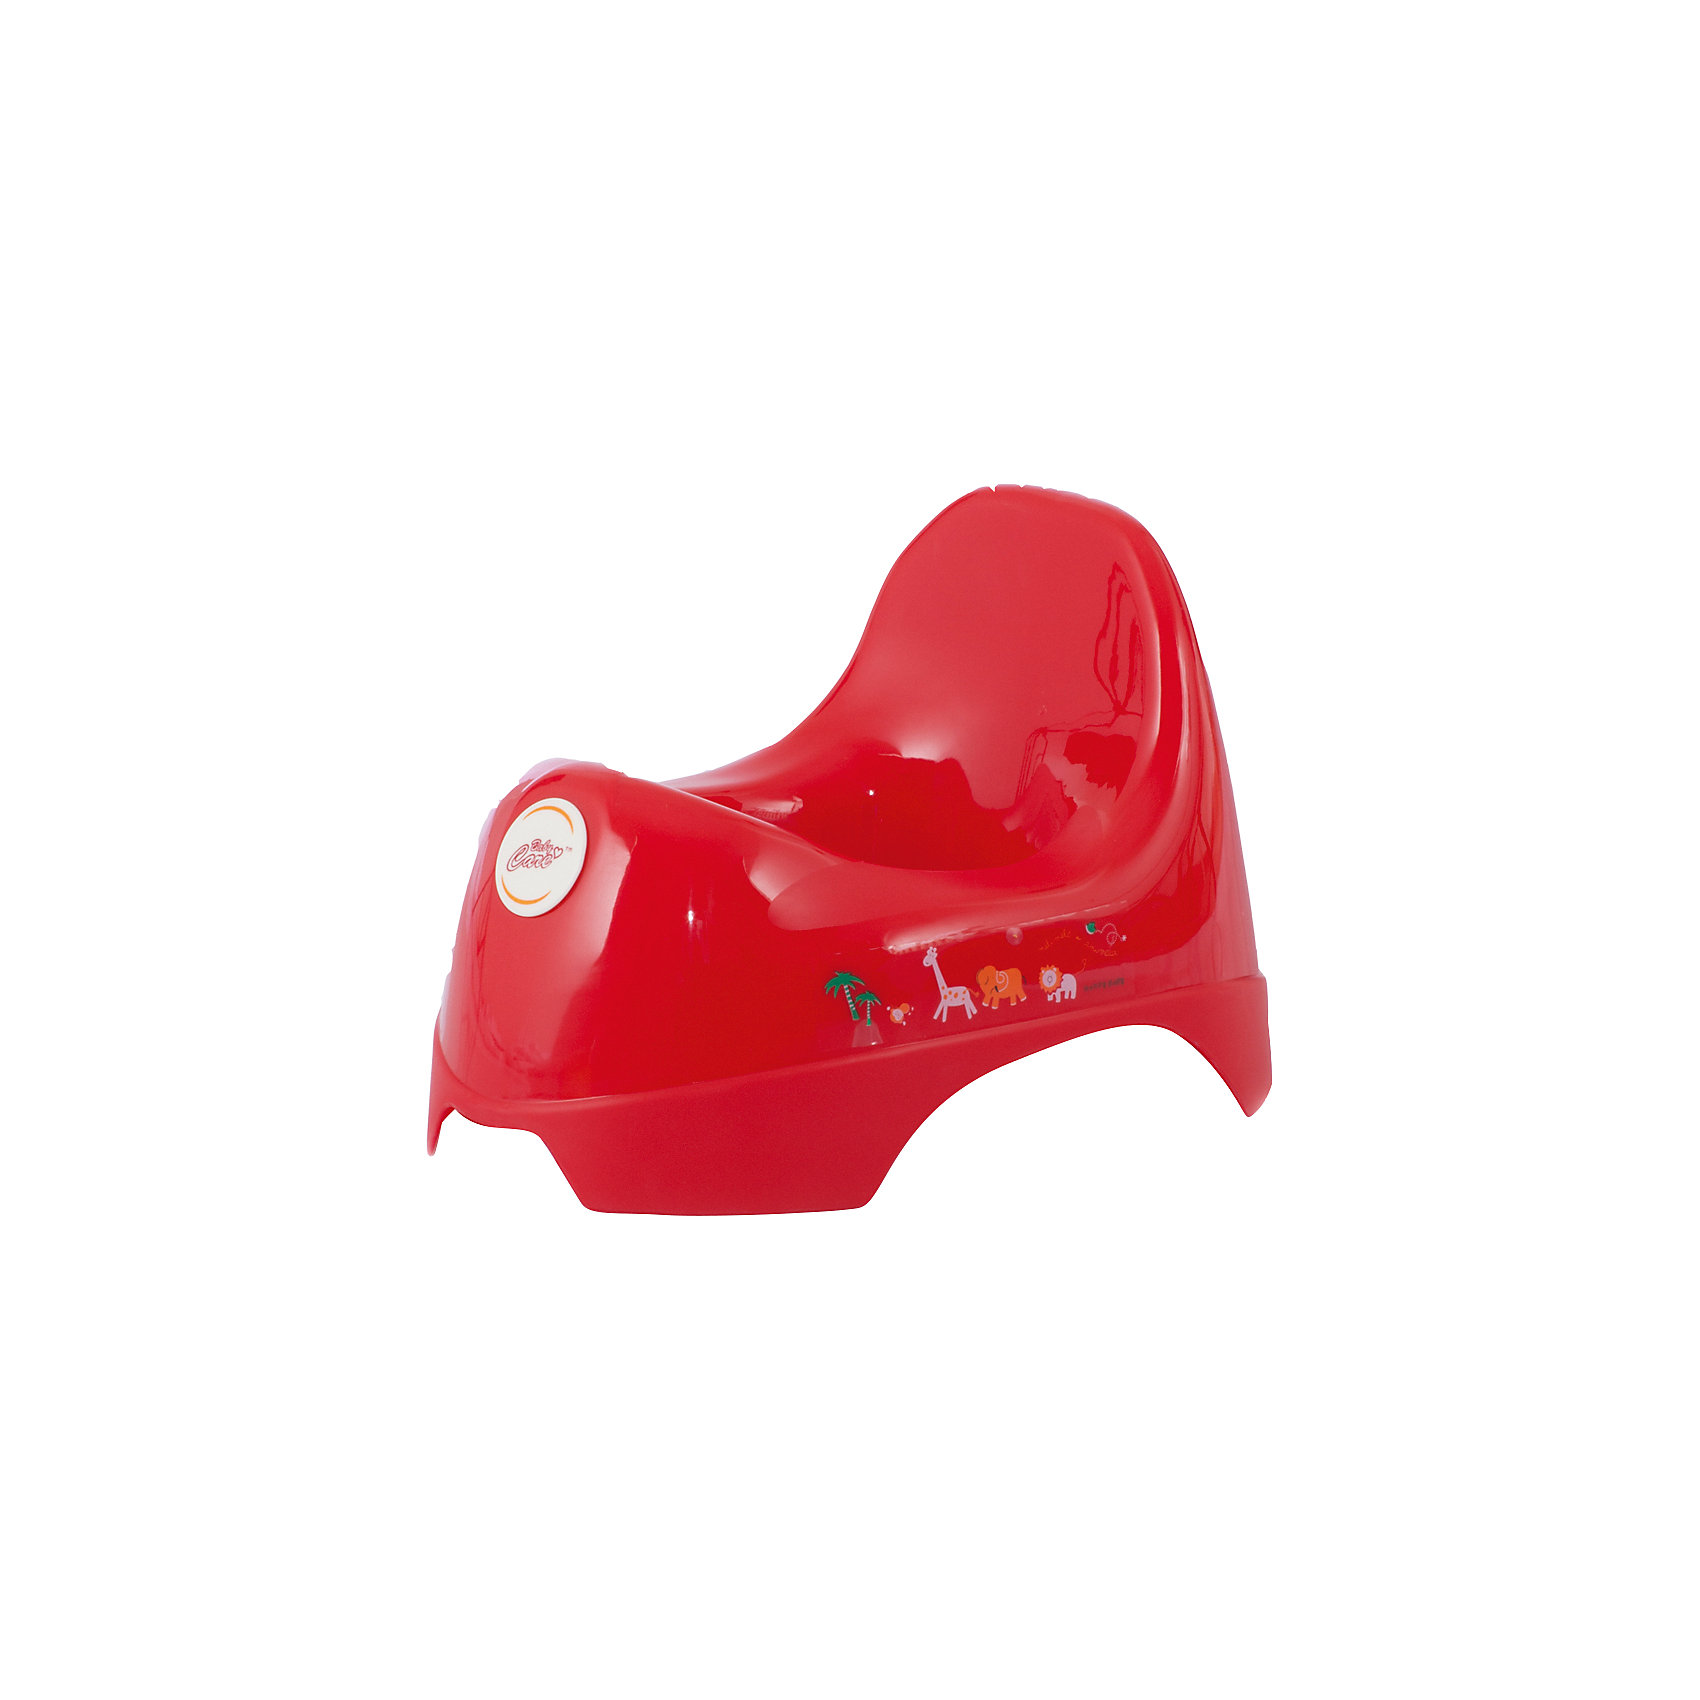 Горшок анатомический  JBB-A, Baby Care, красныйГоршки, сиденья для унитаза, стульчики-подставки<br>Характеристики:<br><br>• горшок анатомической формы;<br>• устойчивость конструкции;<br>• высокая спинка;<br>• защита от разбрызгивания;<br>• простота ухода;<br>• горшок декорирован цветными картинками;<br>• материал: гипоаллергенный пластик;<br>• цвет: красный;<br>• размер горшка: 32х22х20/22 см;<br>• вес: 700 г.<br><br>Горшок анатомической формы JBB-A Baby Care имеет высокую спинку, устойчив к опрокидыванию, имеет выемки для удобства захватывания горшка рукой с целью его опустошения и мытья. Горшок Беби Кэа позволяет приучить малыша «делать свои дела» по-взрослому. <br><br>Горшок анатомический  JBB-A, Baby Care, красный можно купить в нашем интернет-магазине.<br><br>Ширина мм: 320<br>Глубина мм: 220<br>Высота мм: 220<br>Вес г: 700<br>Возраст от месяцев: 6<br>Возраст до месяцев: 36<br>Пол: Женский<br>Возраст: Детский<br>SKU: 4028892